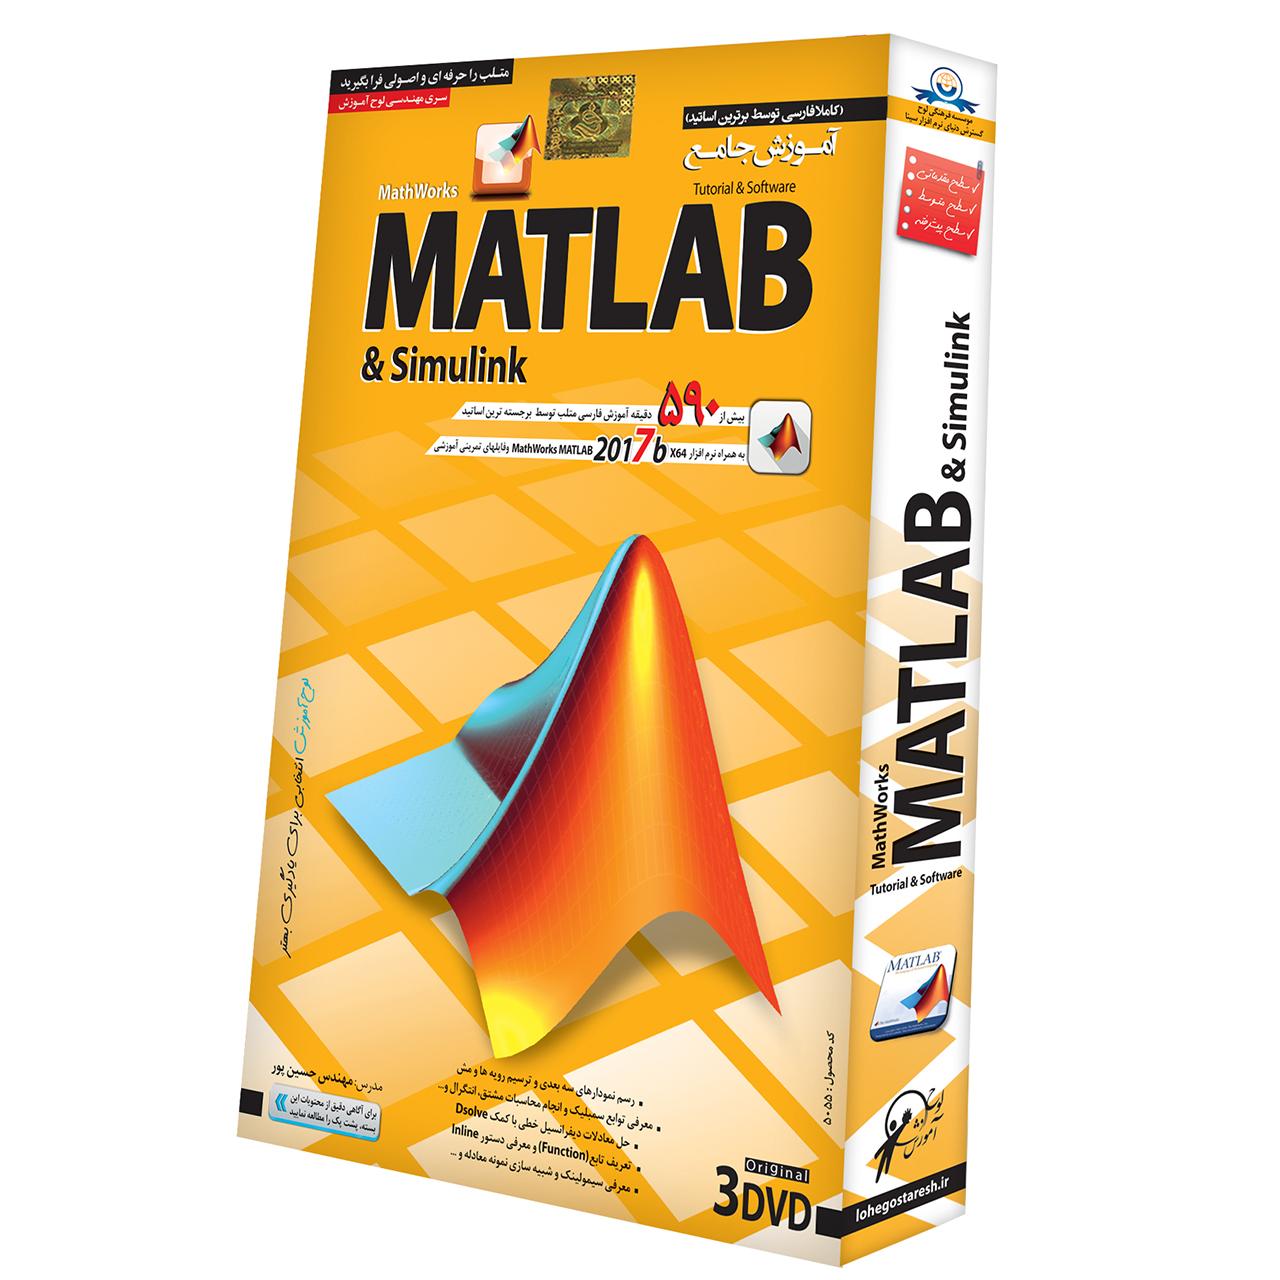 آموزش تصویری Matlab نشر لوح گسترش دنیای نرم افزار سینا